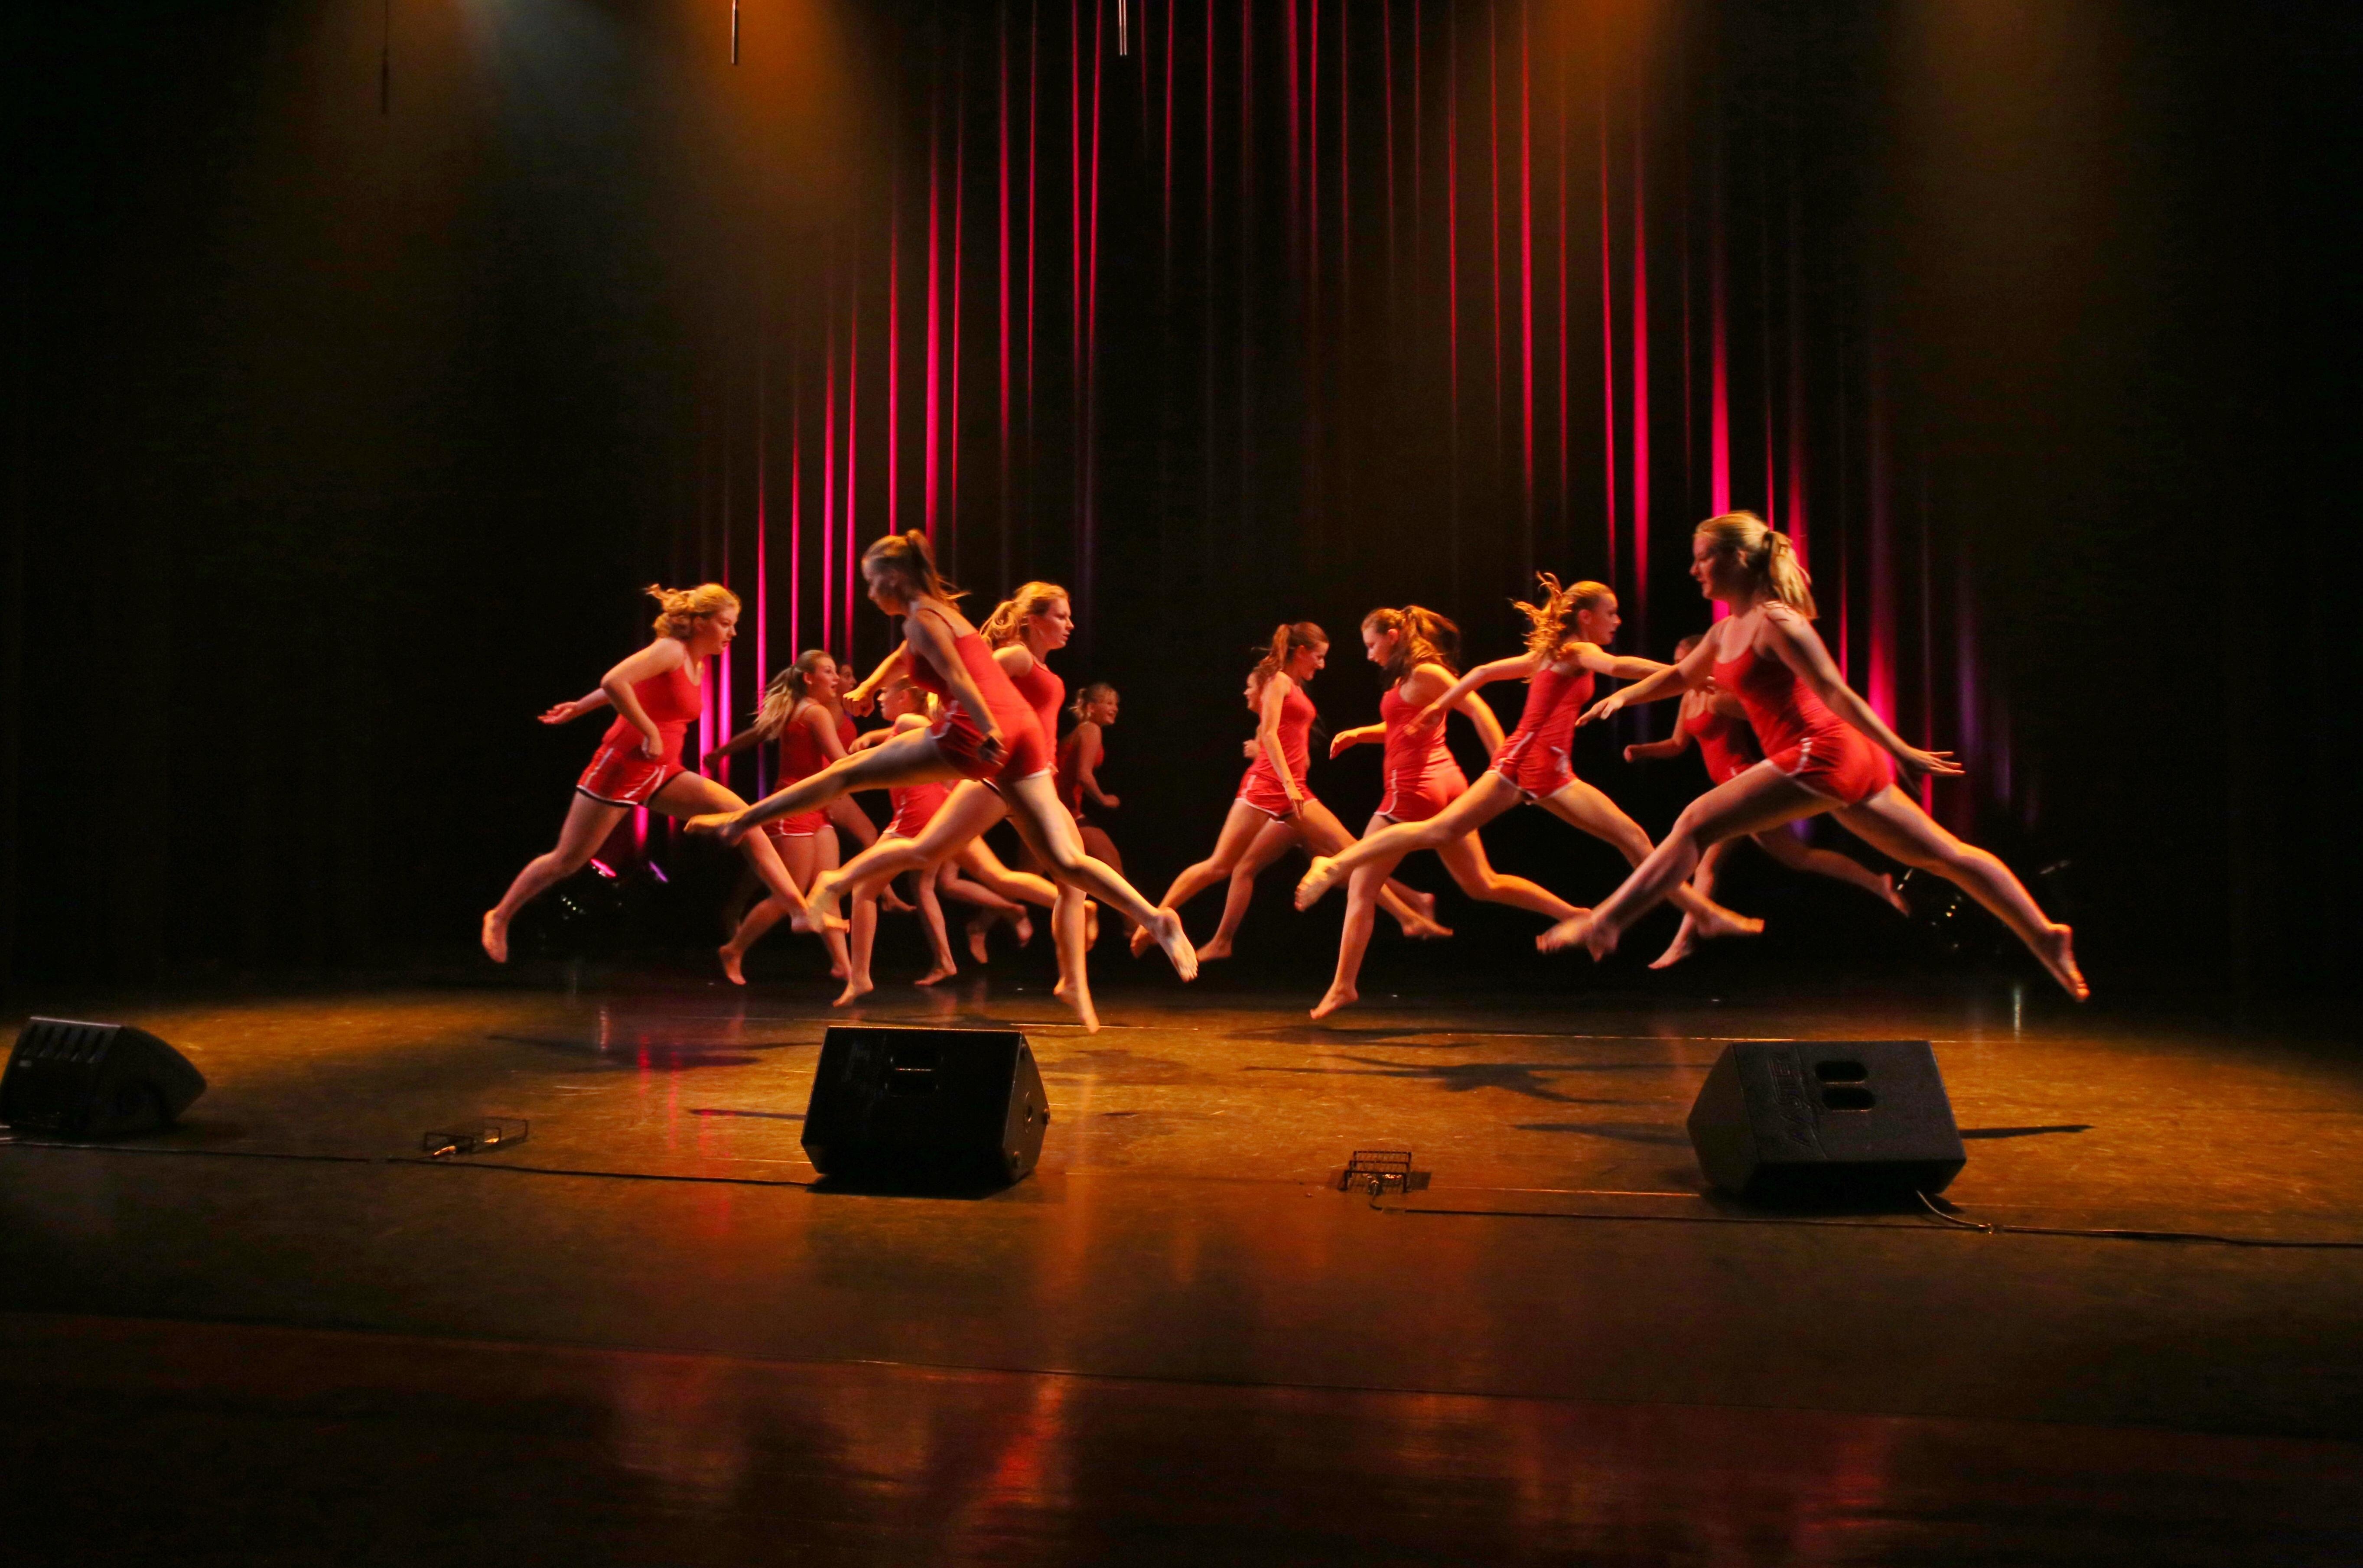 вас как фотографировать танцующих людей на сцене будет вдохновенье